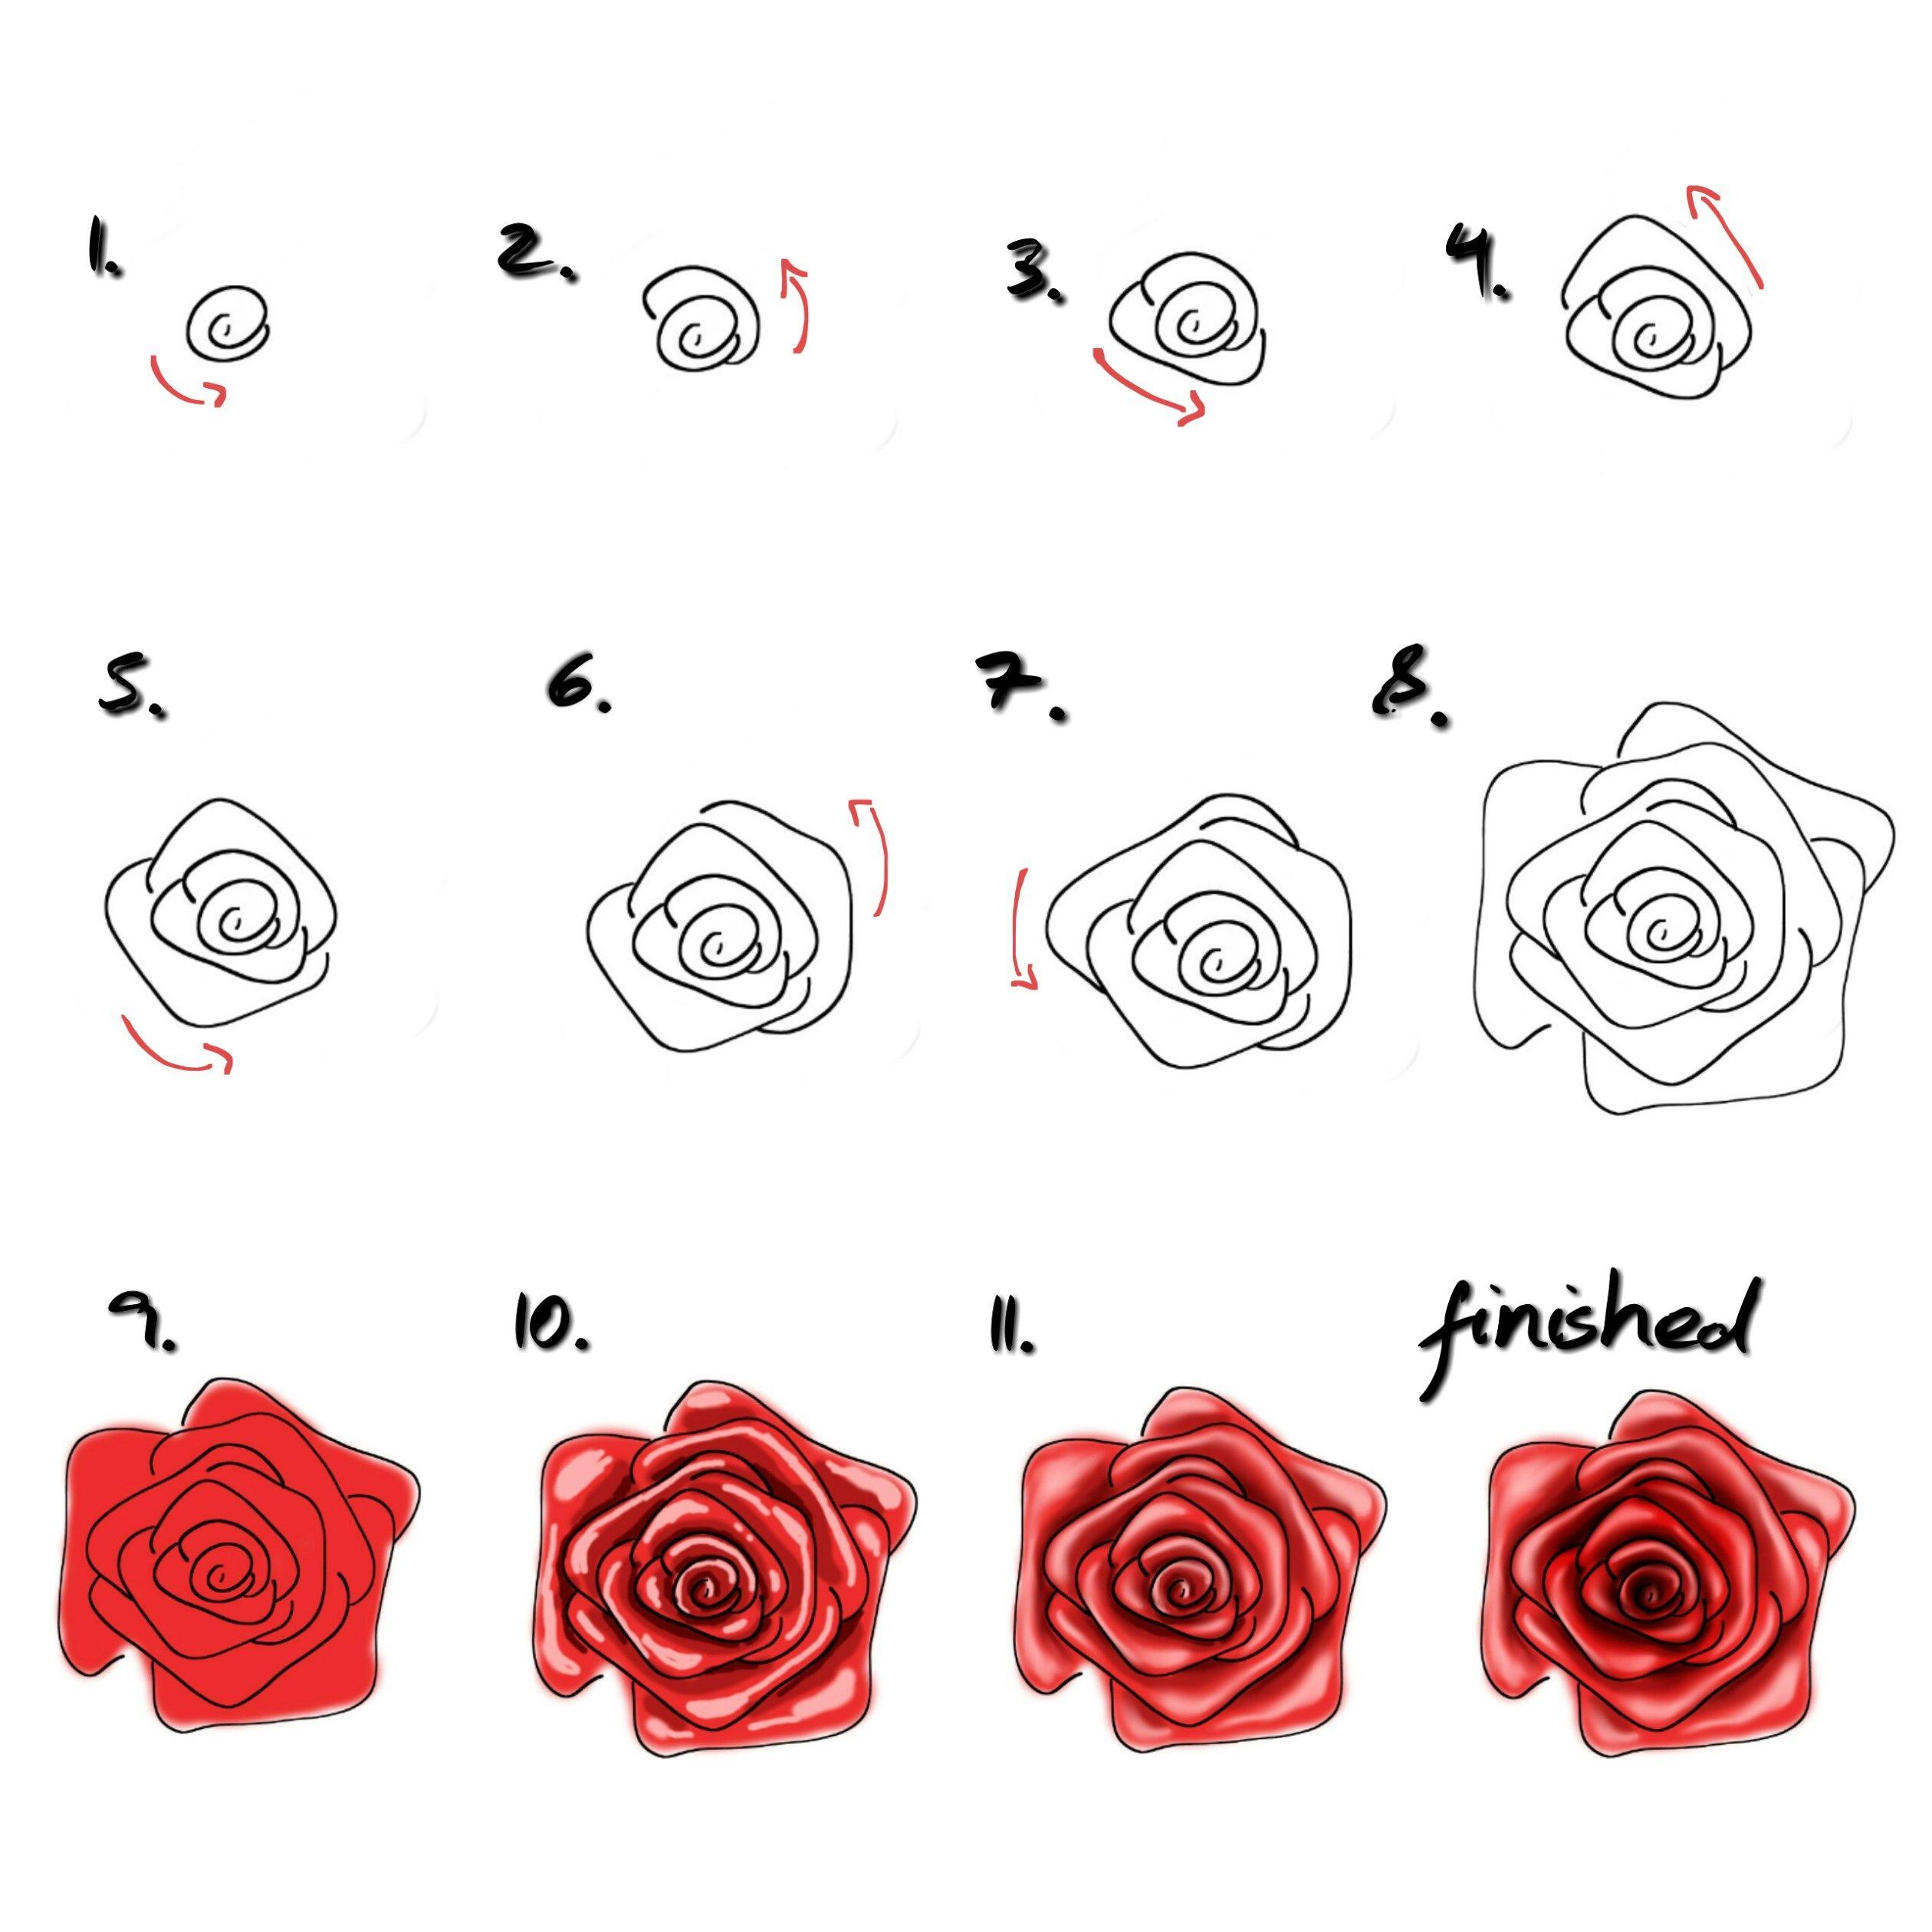 Rose Malen Für Anfänger - Einfaches Tutorial/ Malen Lernen mit Zeichnungen Für Anfänger